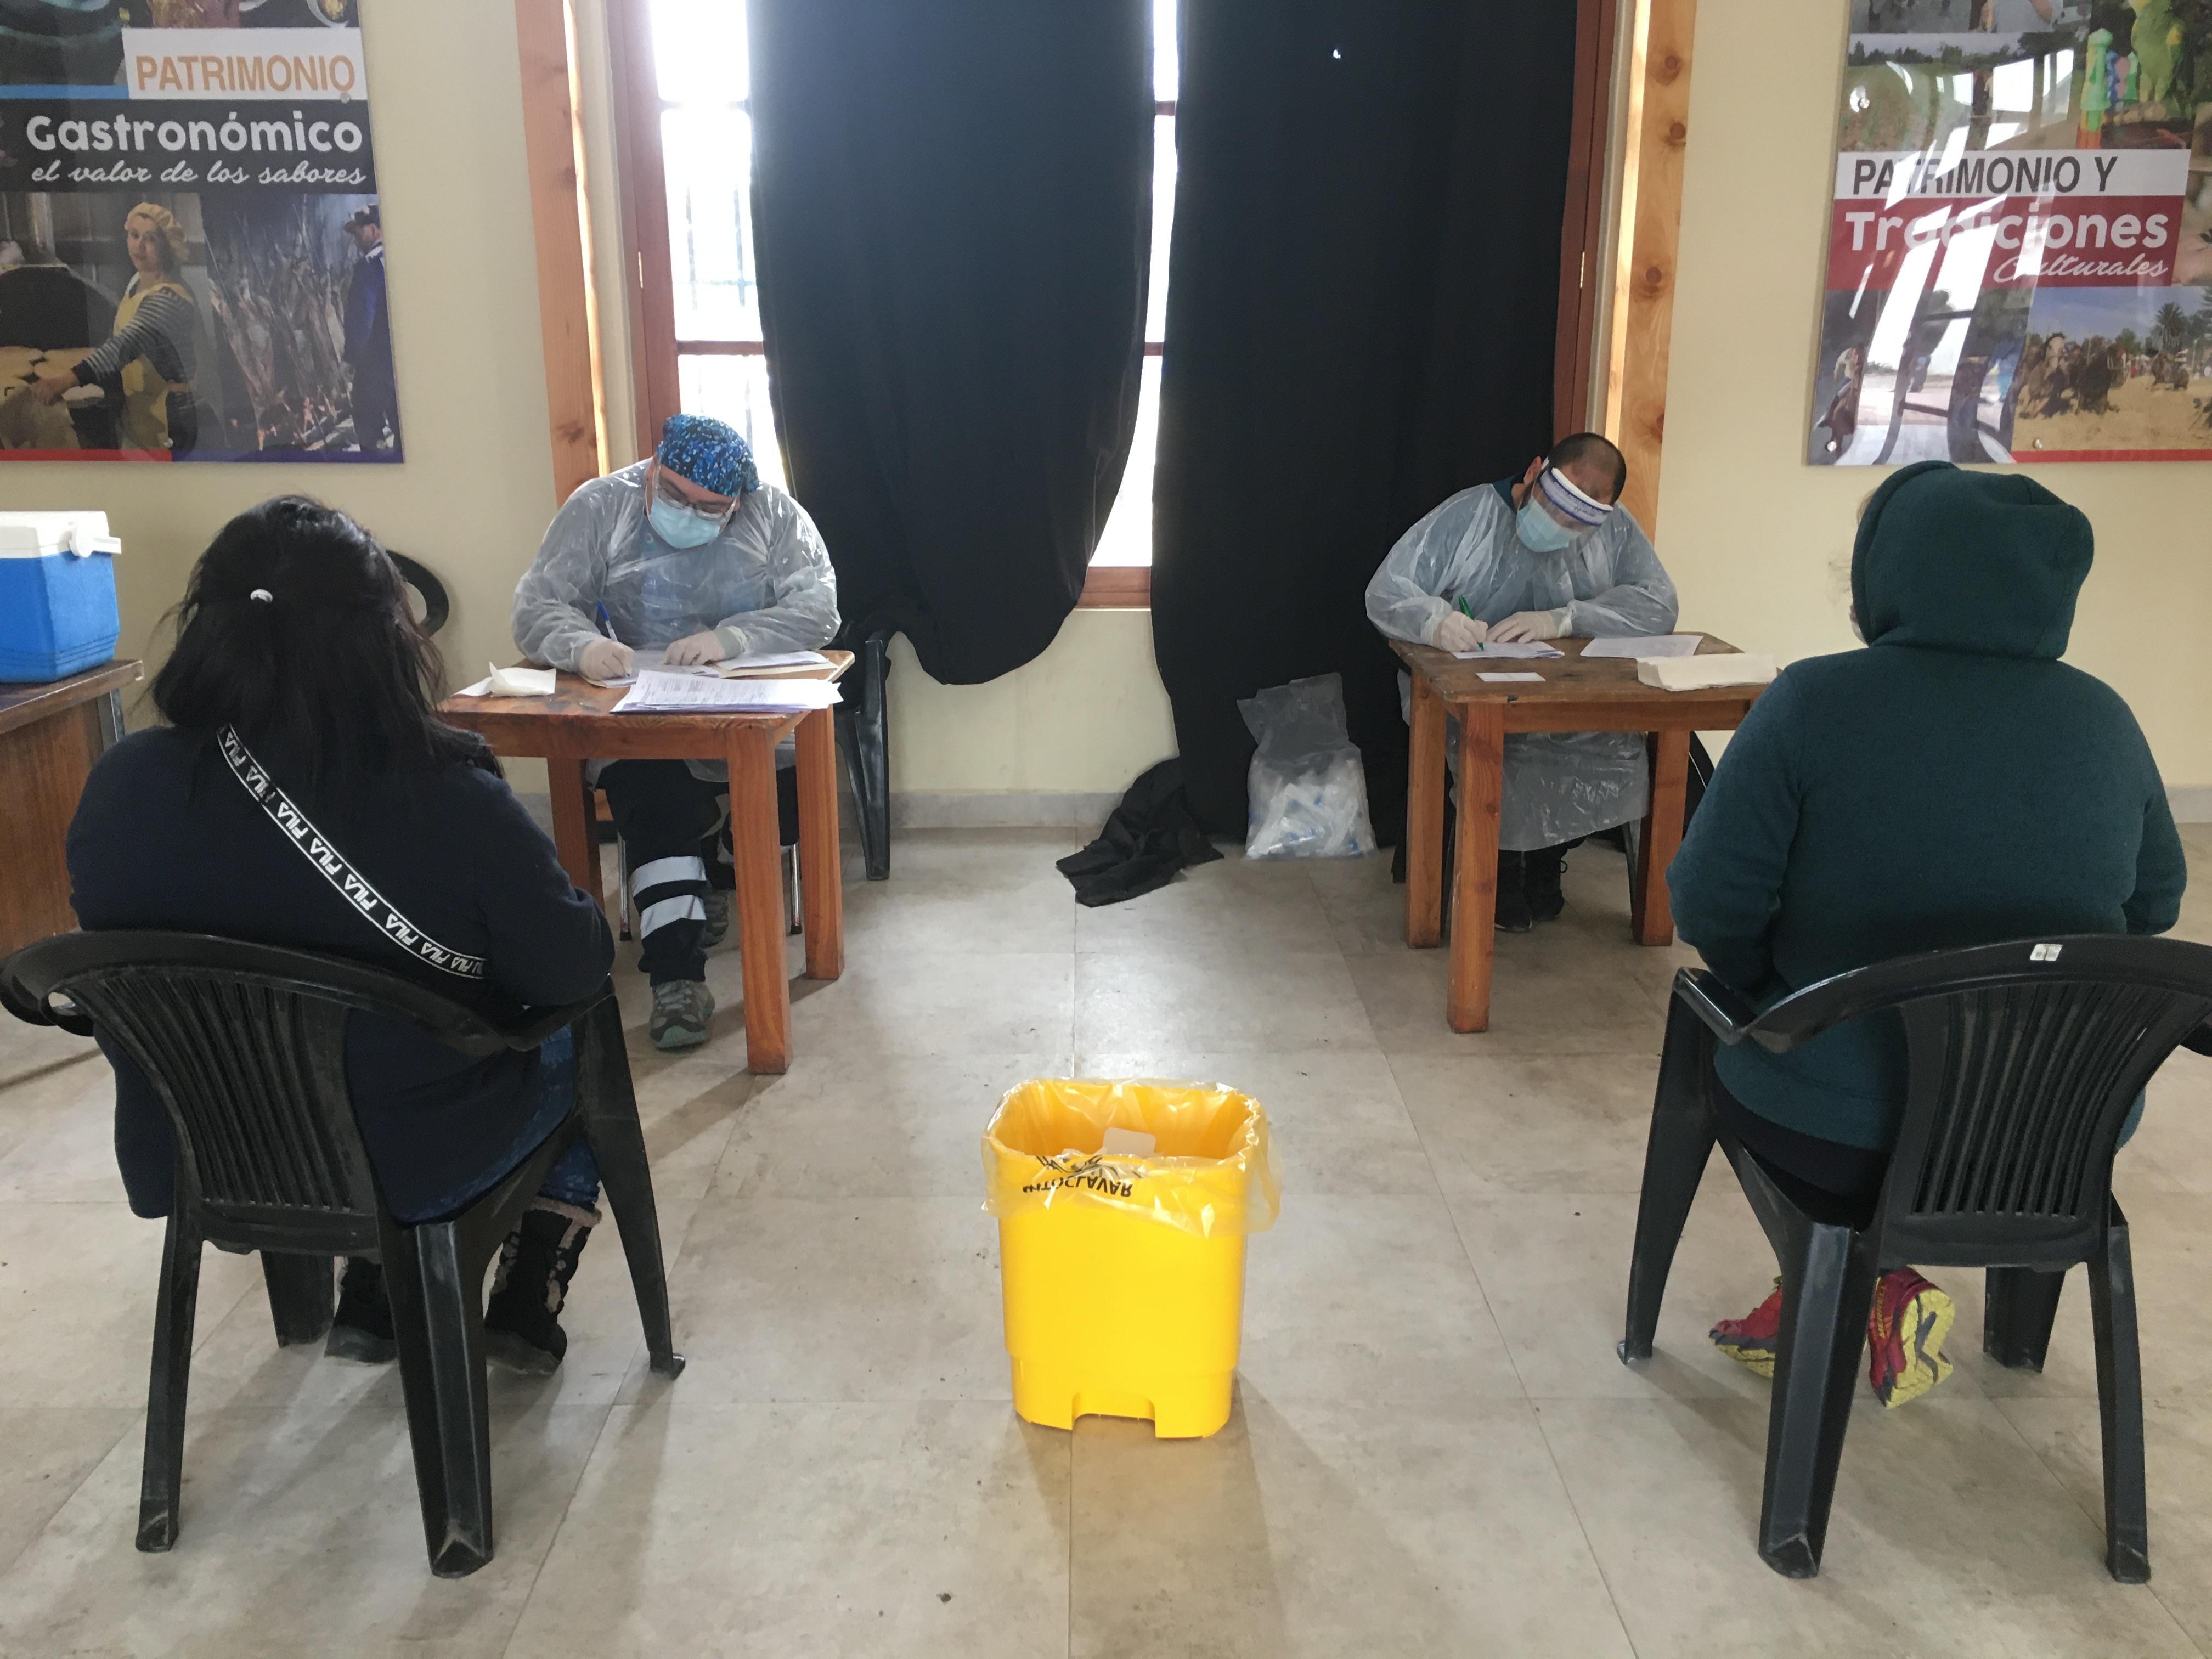 Departamento comunal de salud realiza exámenes comunitarios de covid-19 en distintos sectores de san clemente